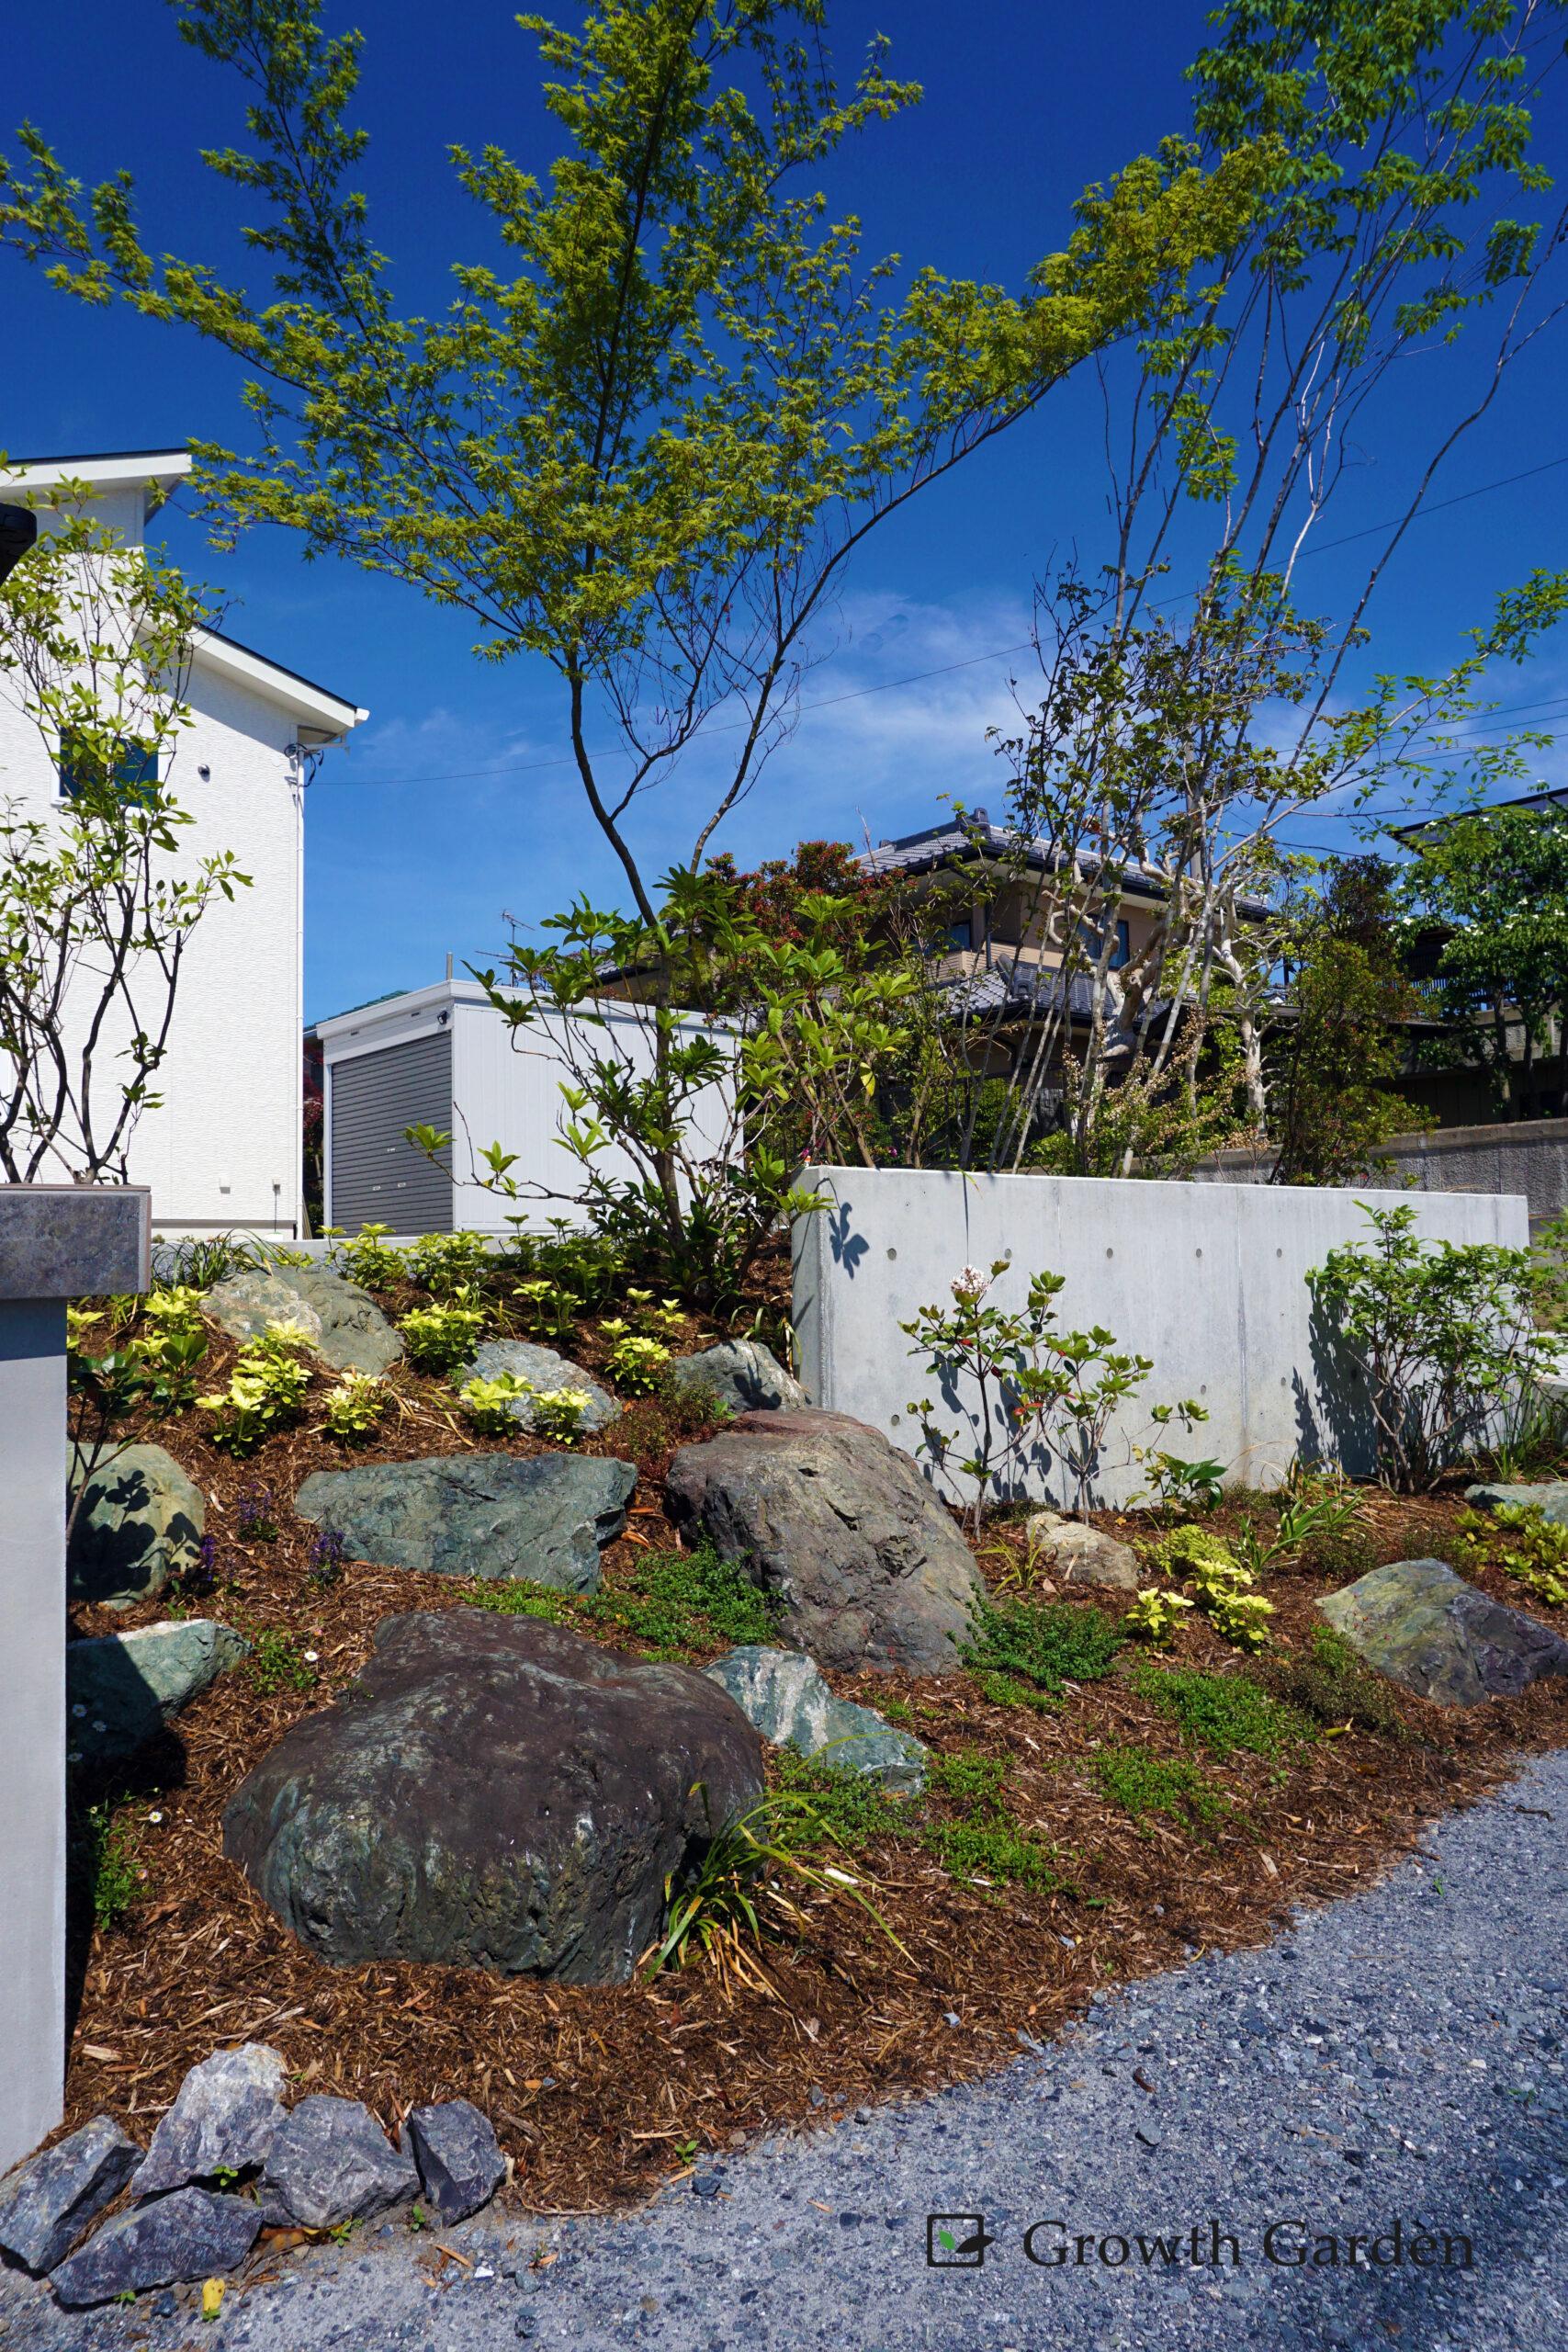 群馬の外構工事施工例, For example,傾斜に建てられたおしゃれな家、土地を切断して美しく使いやすく外構をリフォーム。気の利いた外構工事によって安全性がアップしたおすすめの施工例、For example, コンクリートと天然の土留めを取り入れた外構デザイン。